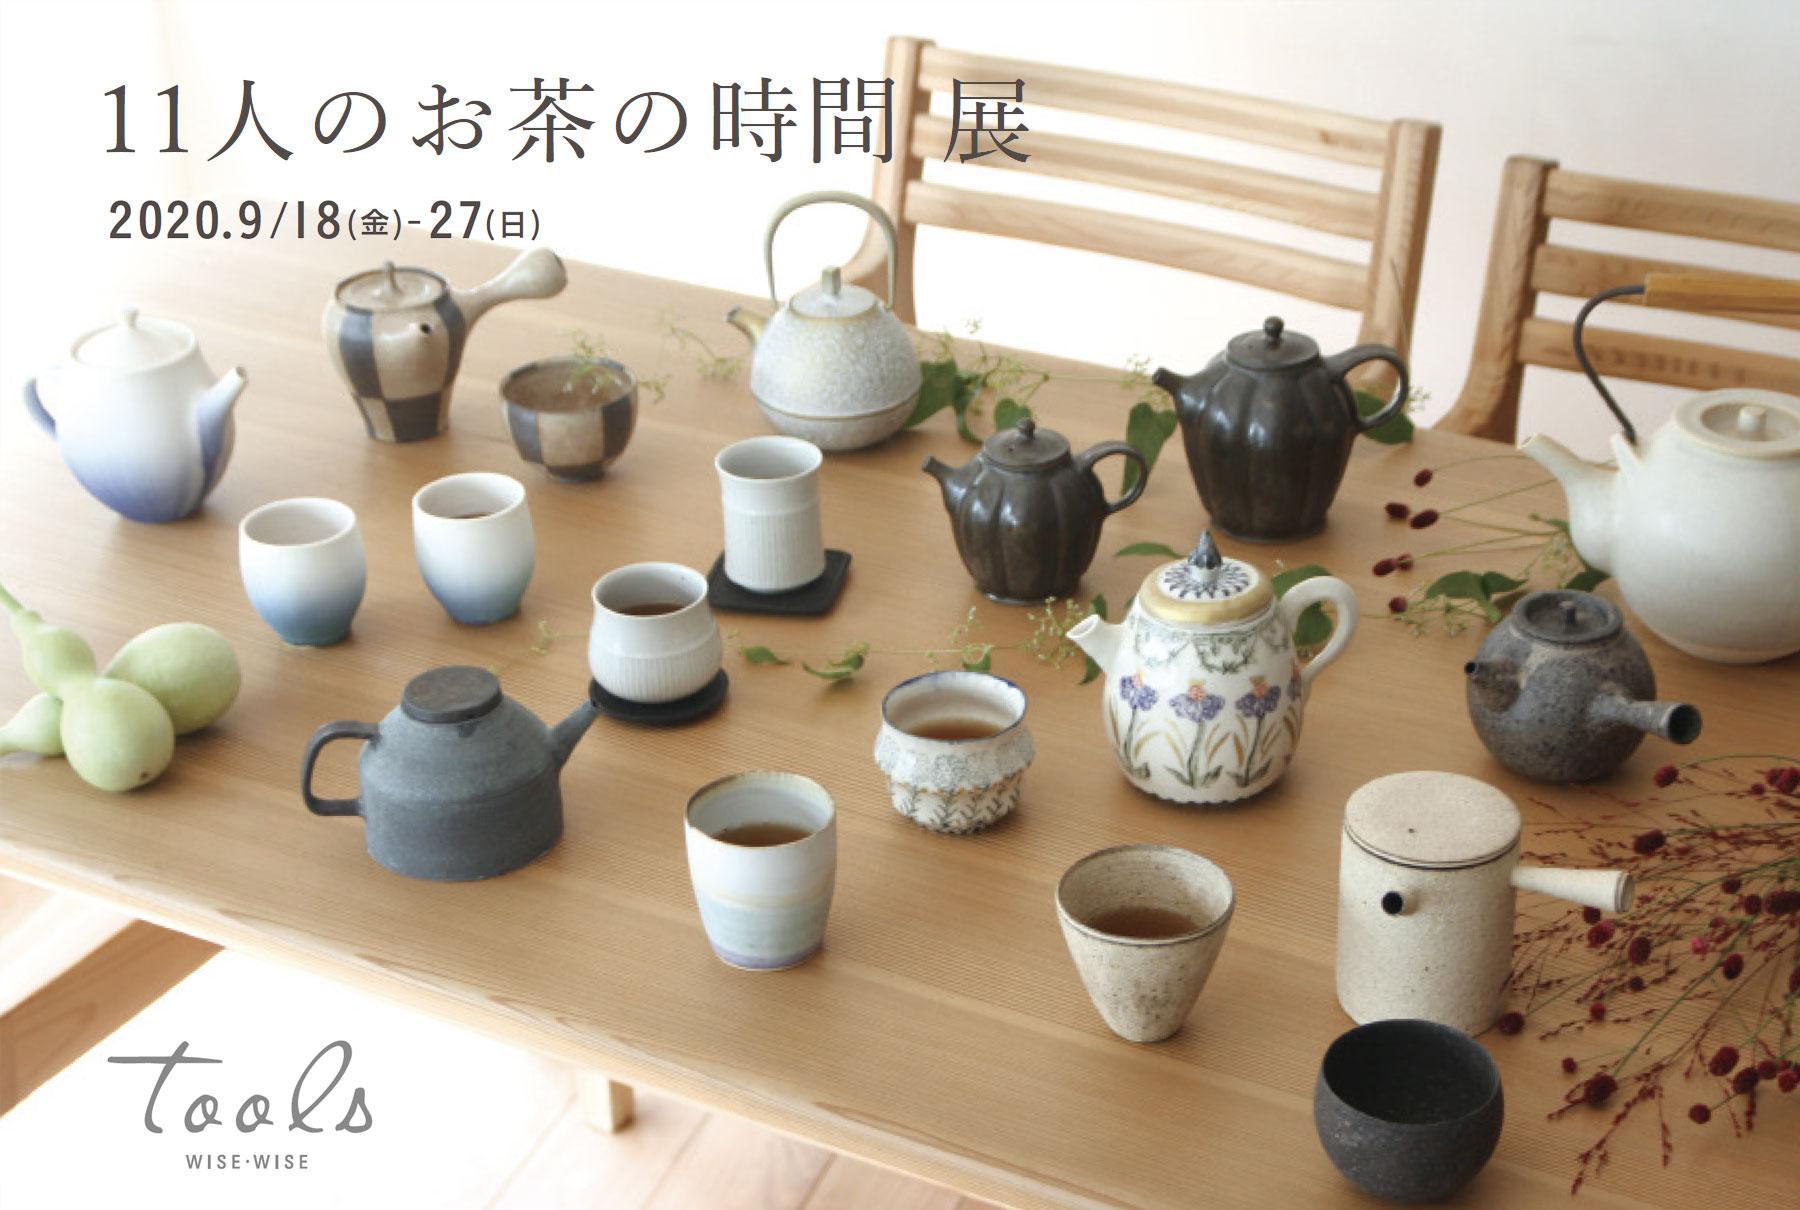 11人のお茶の時間展